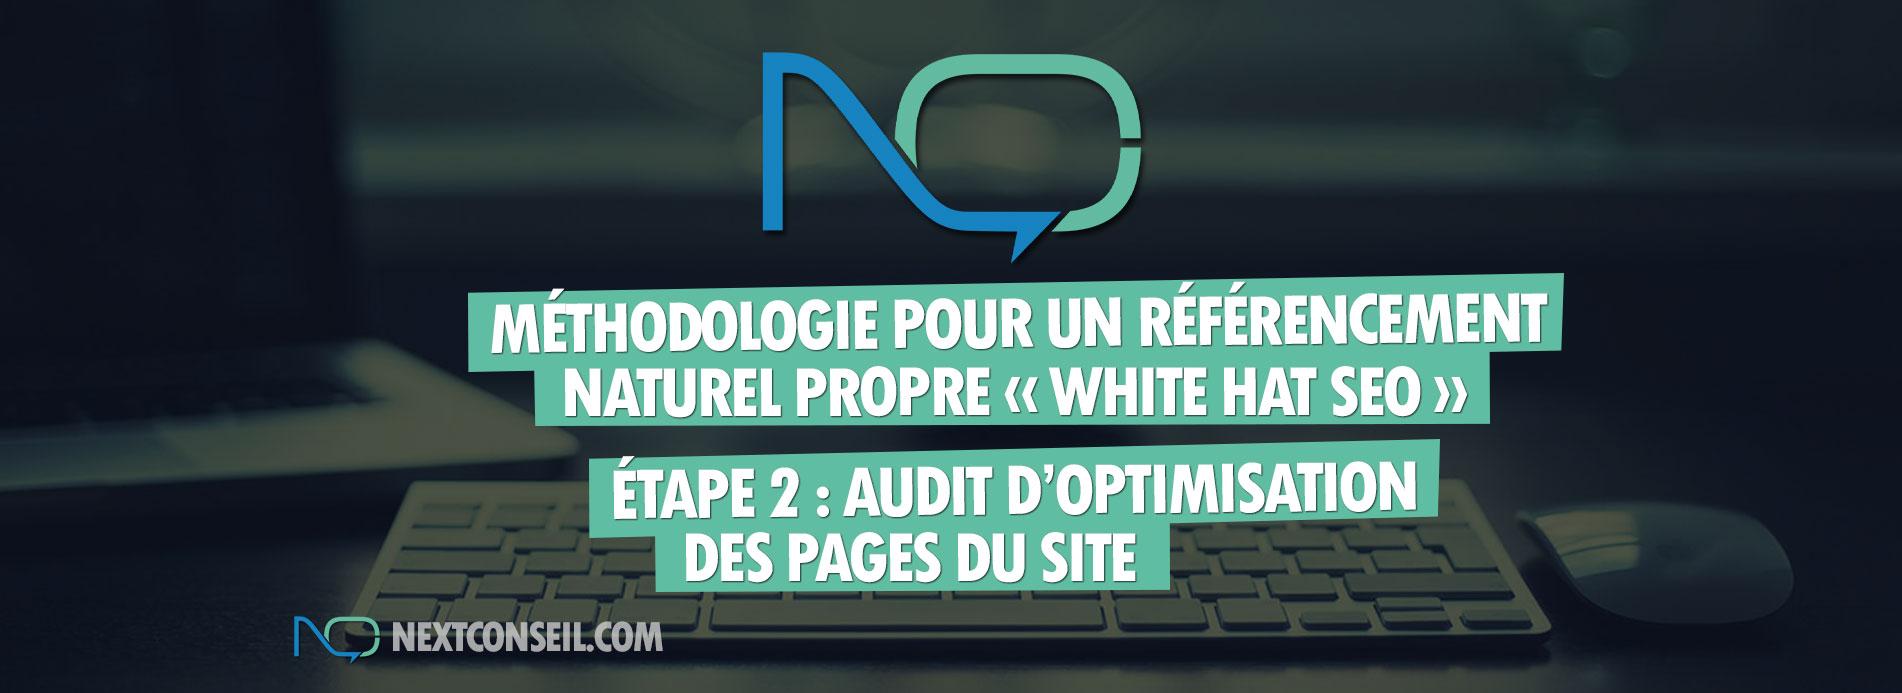 Méthodologie pour un référencement naturel white hat seo - Etape 2